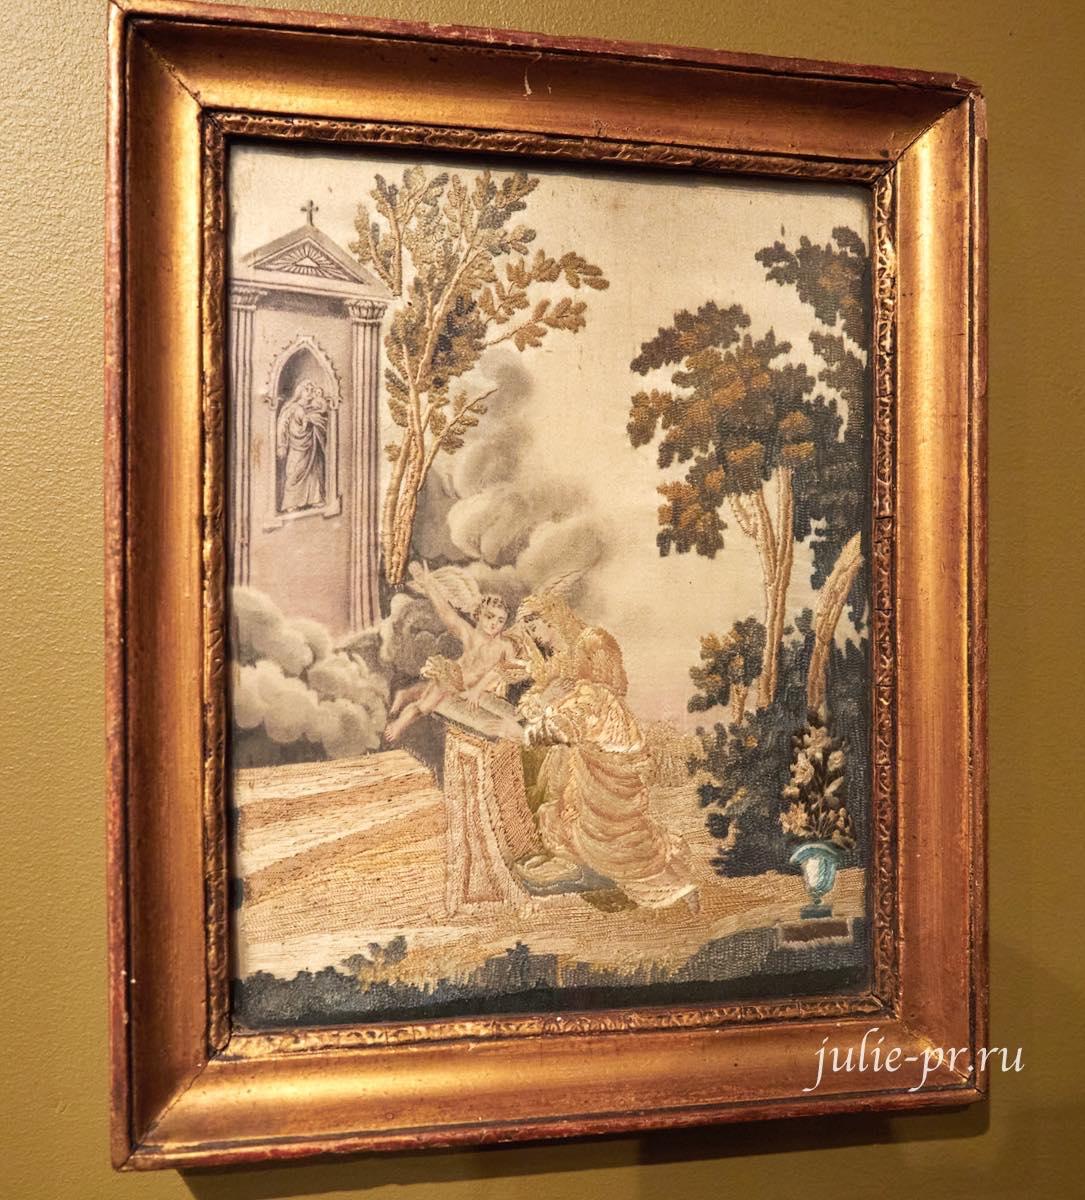 Молитва, ок. 1825 года, Франция, вышивка шёлком и синелью по шёлку, выставка Старинные вышивки